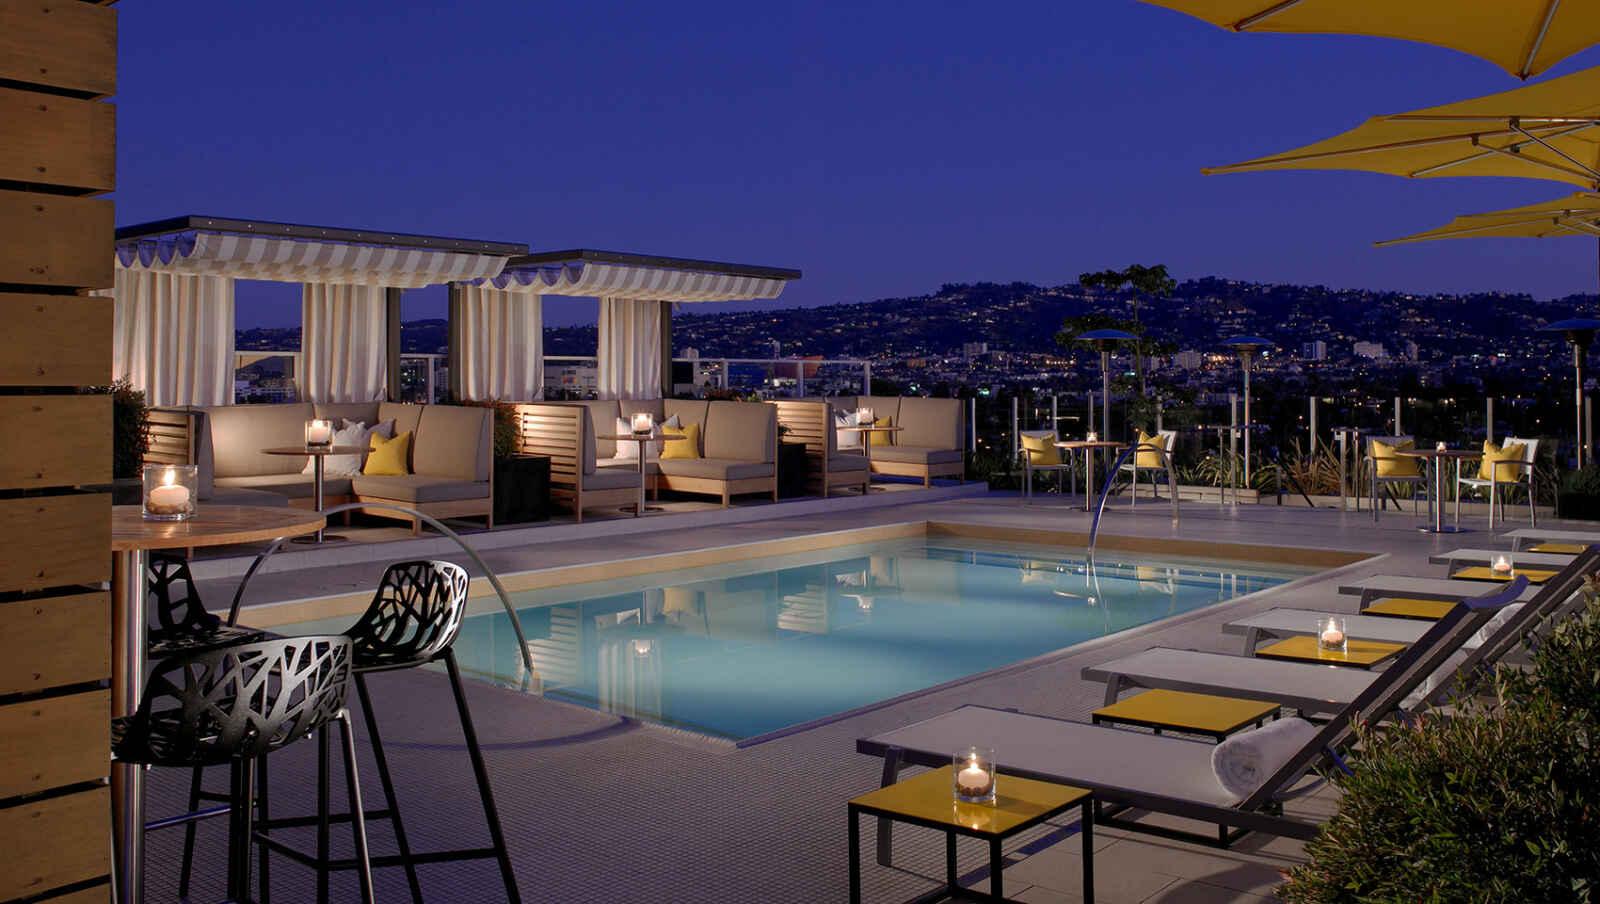 Séjour Ouest américain - Kimpton the Hotel Wilshire - 4*